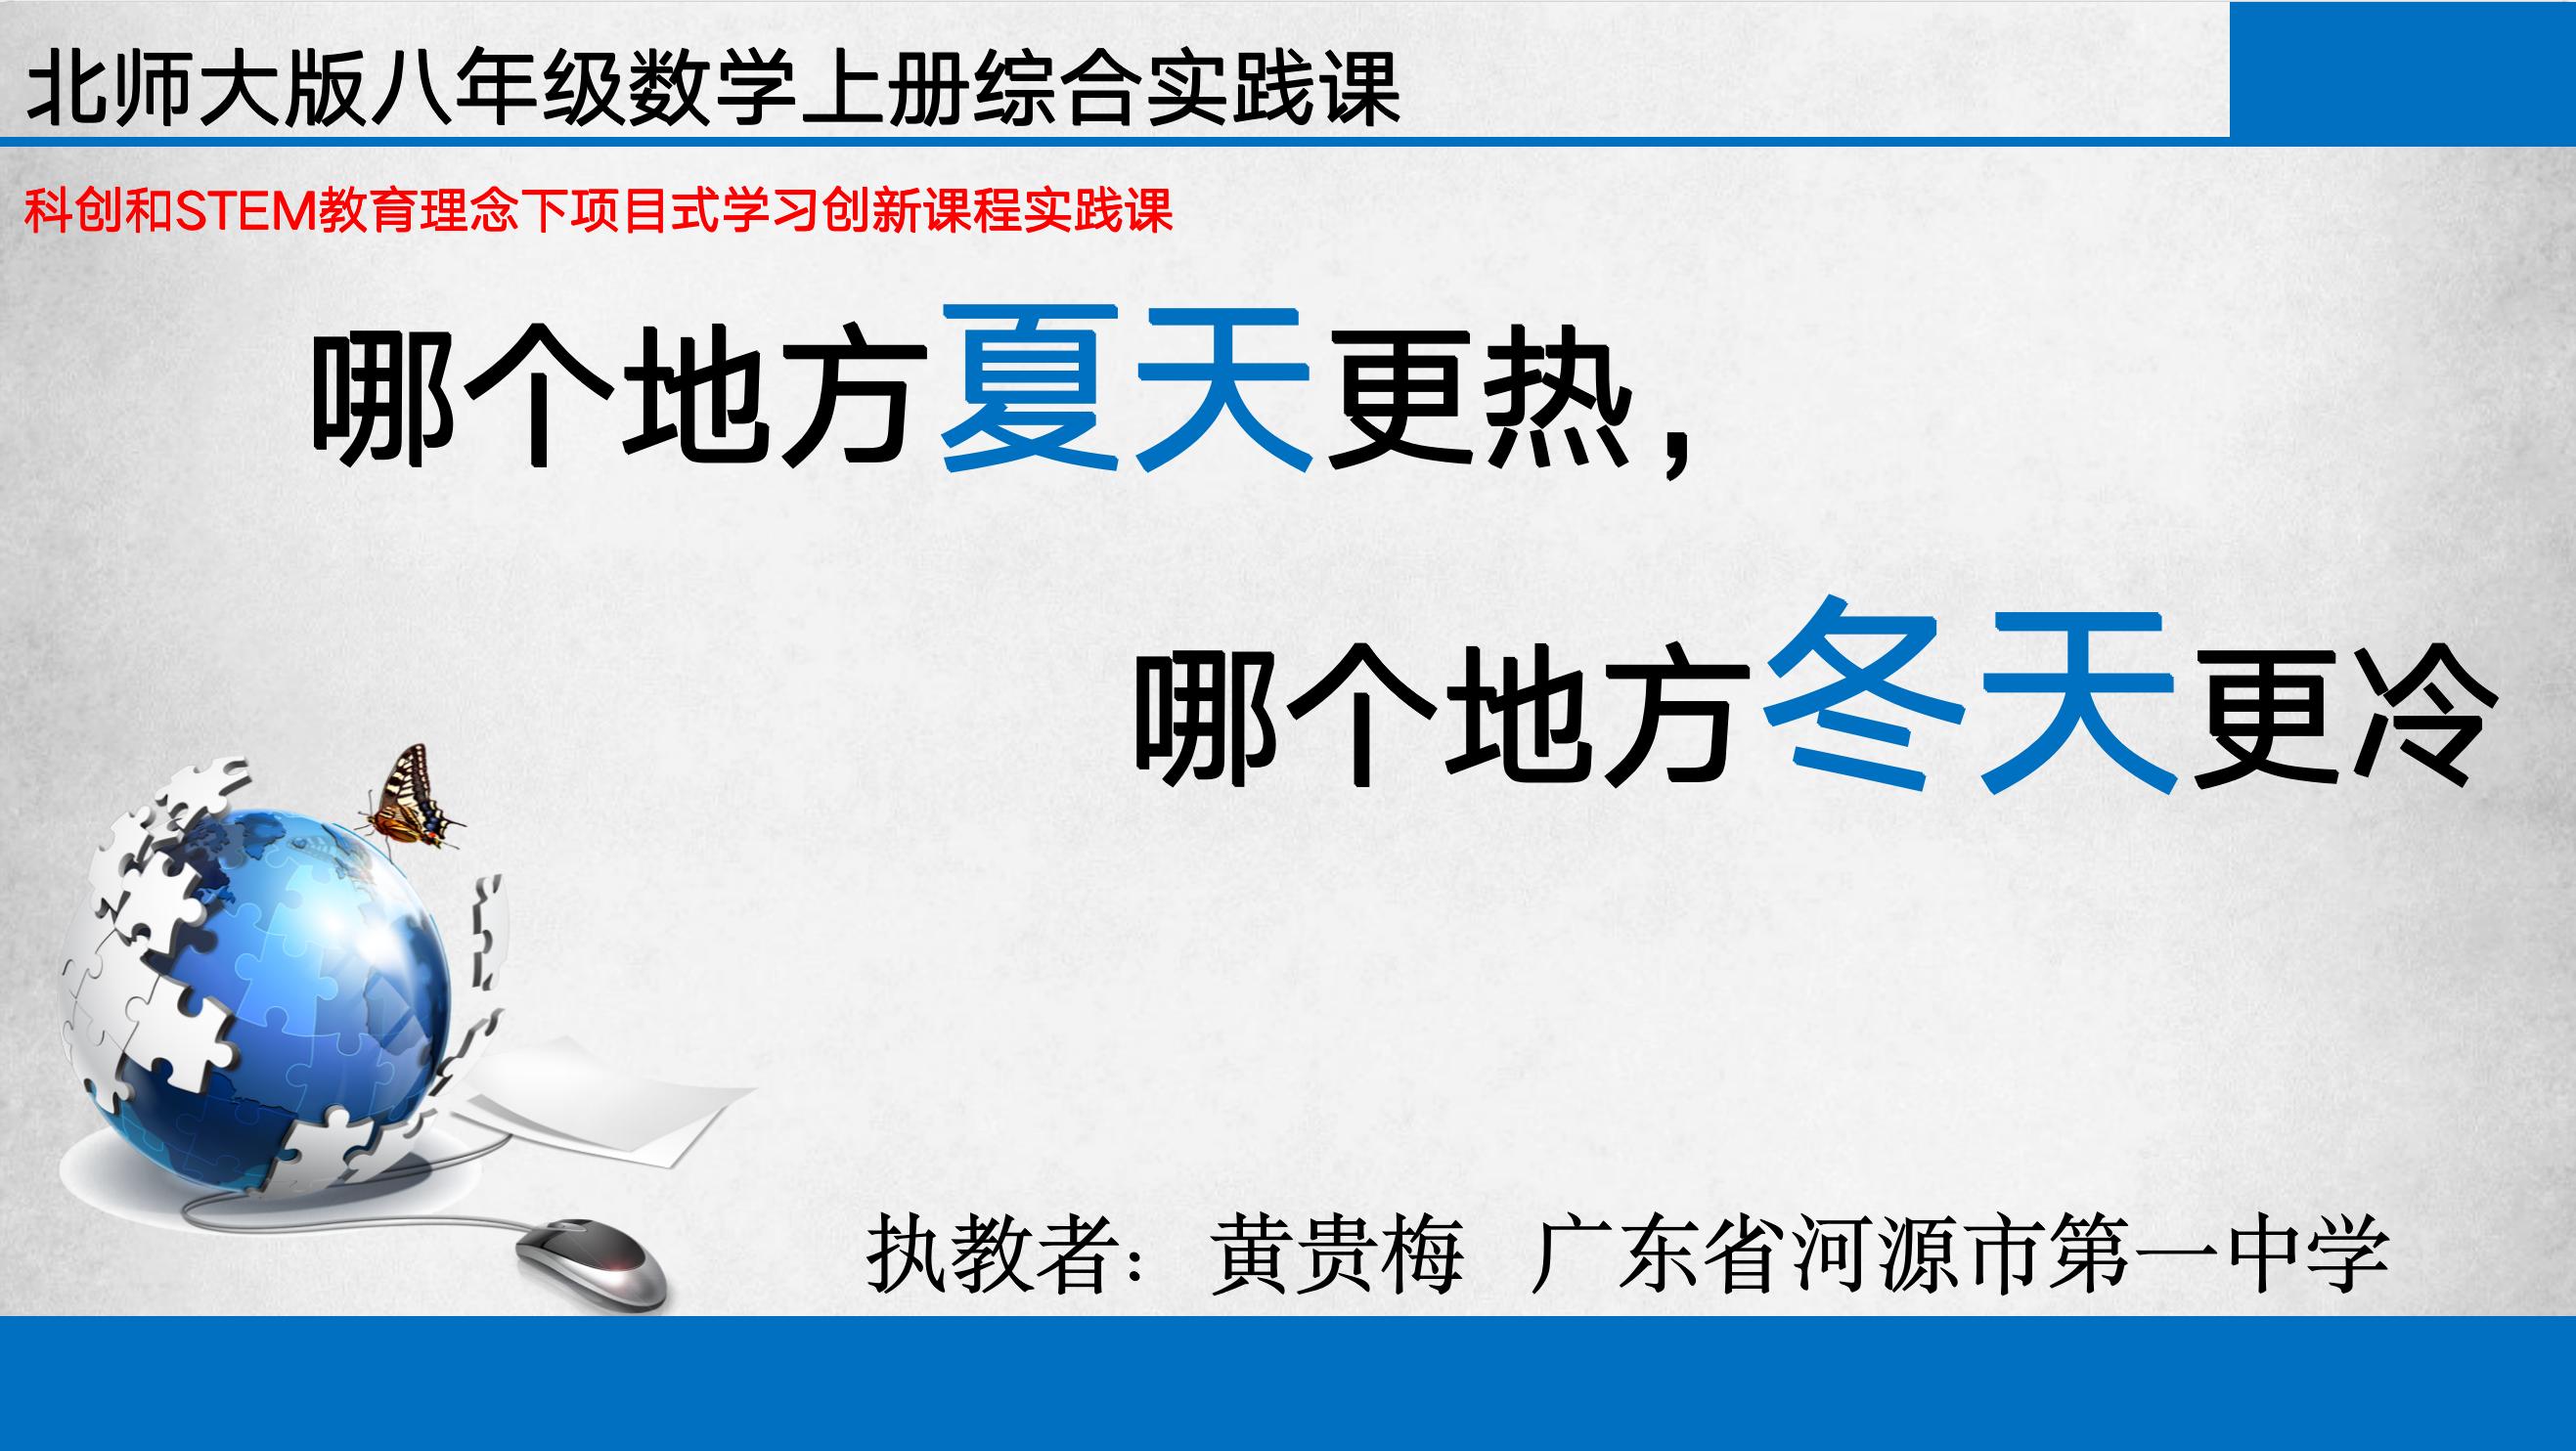 多媒体课件特等奖获得者黄贵梅:你的课件,就是你的思想